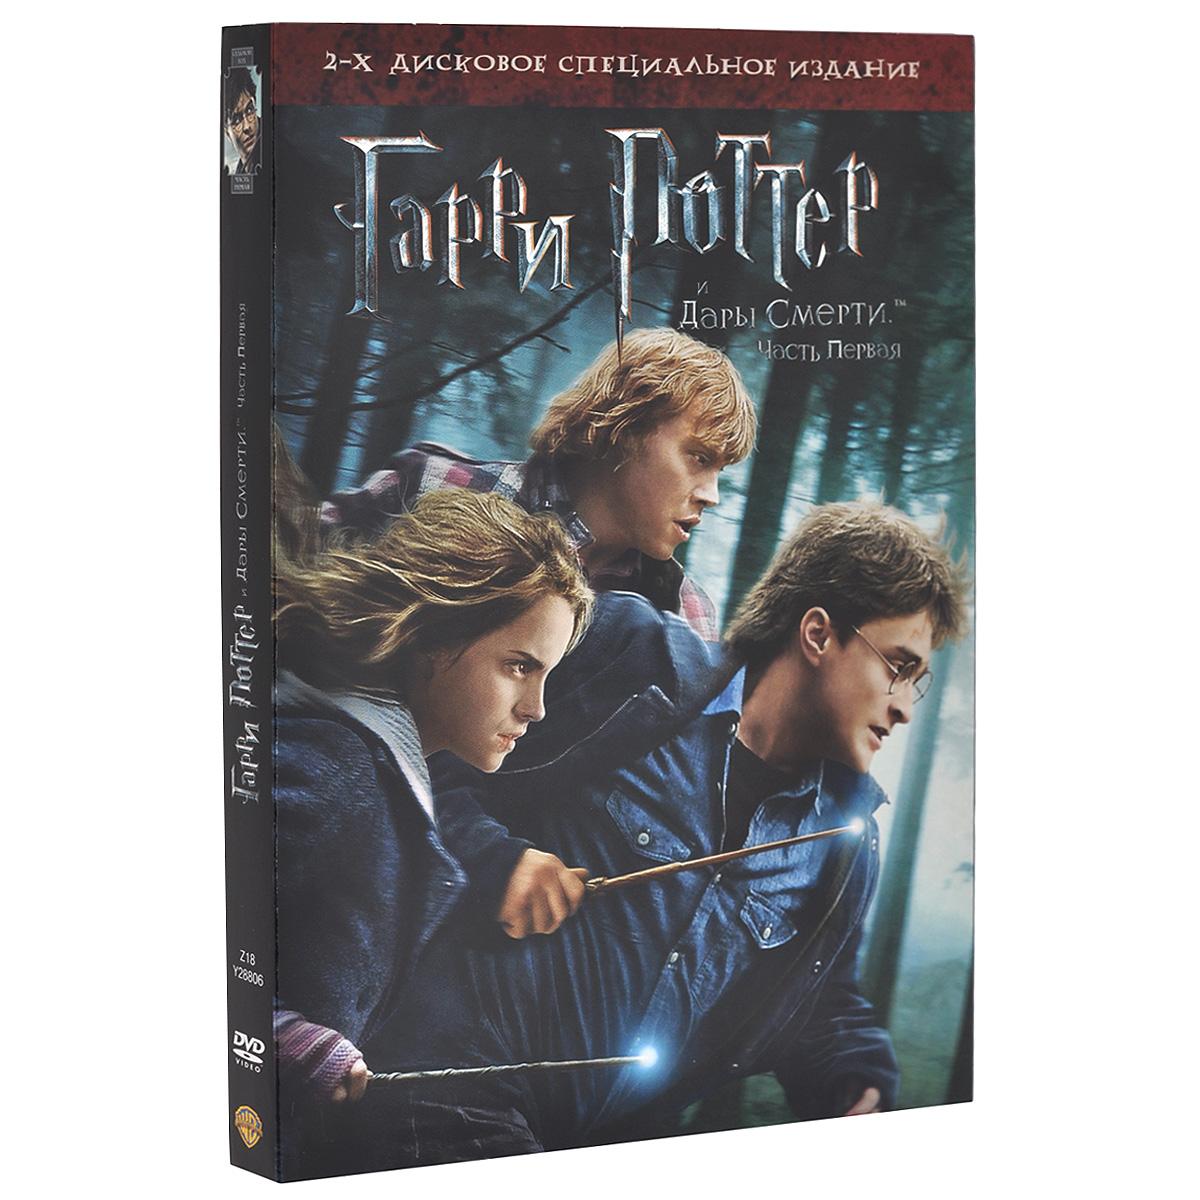 Гарри Поттер и Дары смерти: Часть 1 (2 DVD)